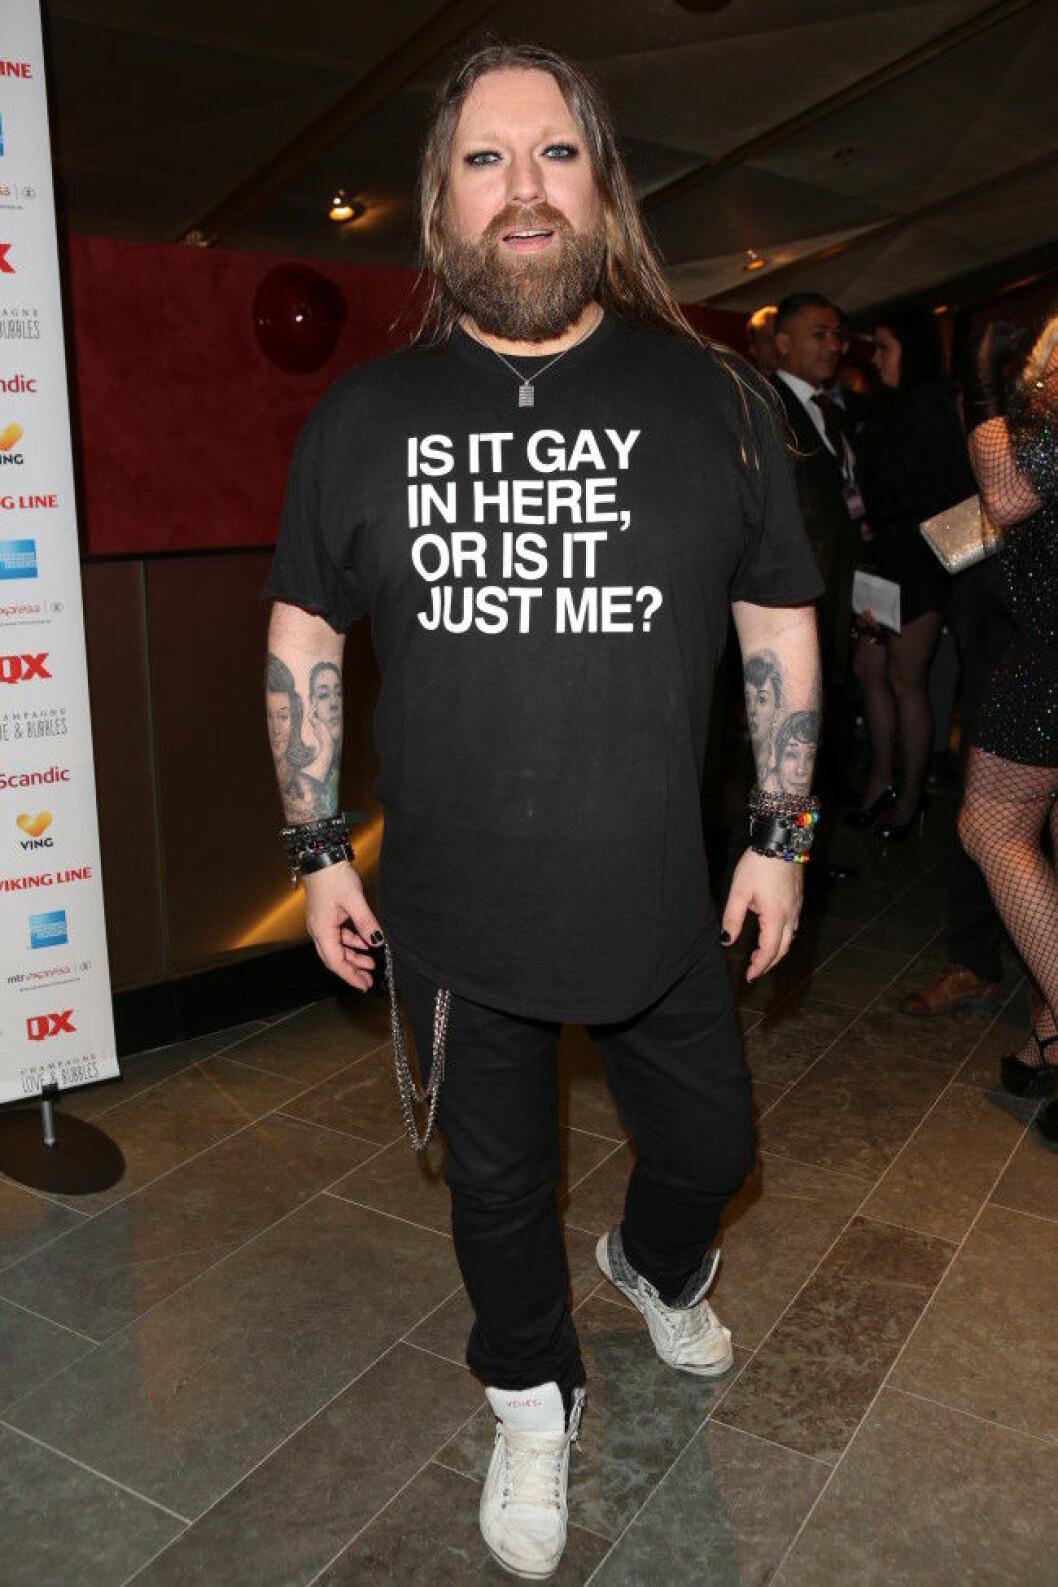 Richard-Söderberg-Årets-Homo-qx gala-gay